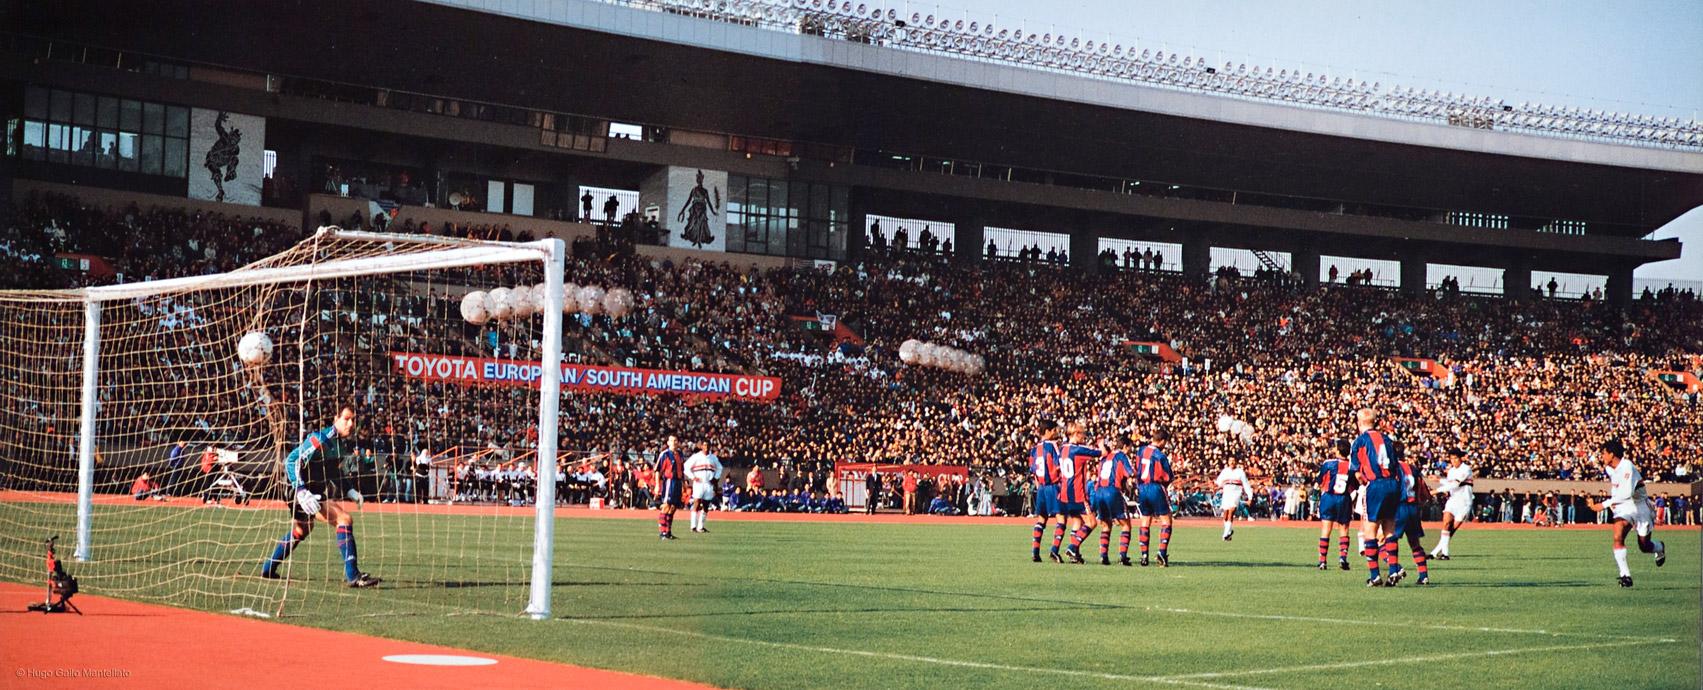 Resultado de imagem para São Paulo Mundial 1992 comemoração